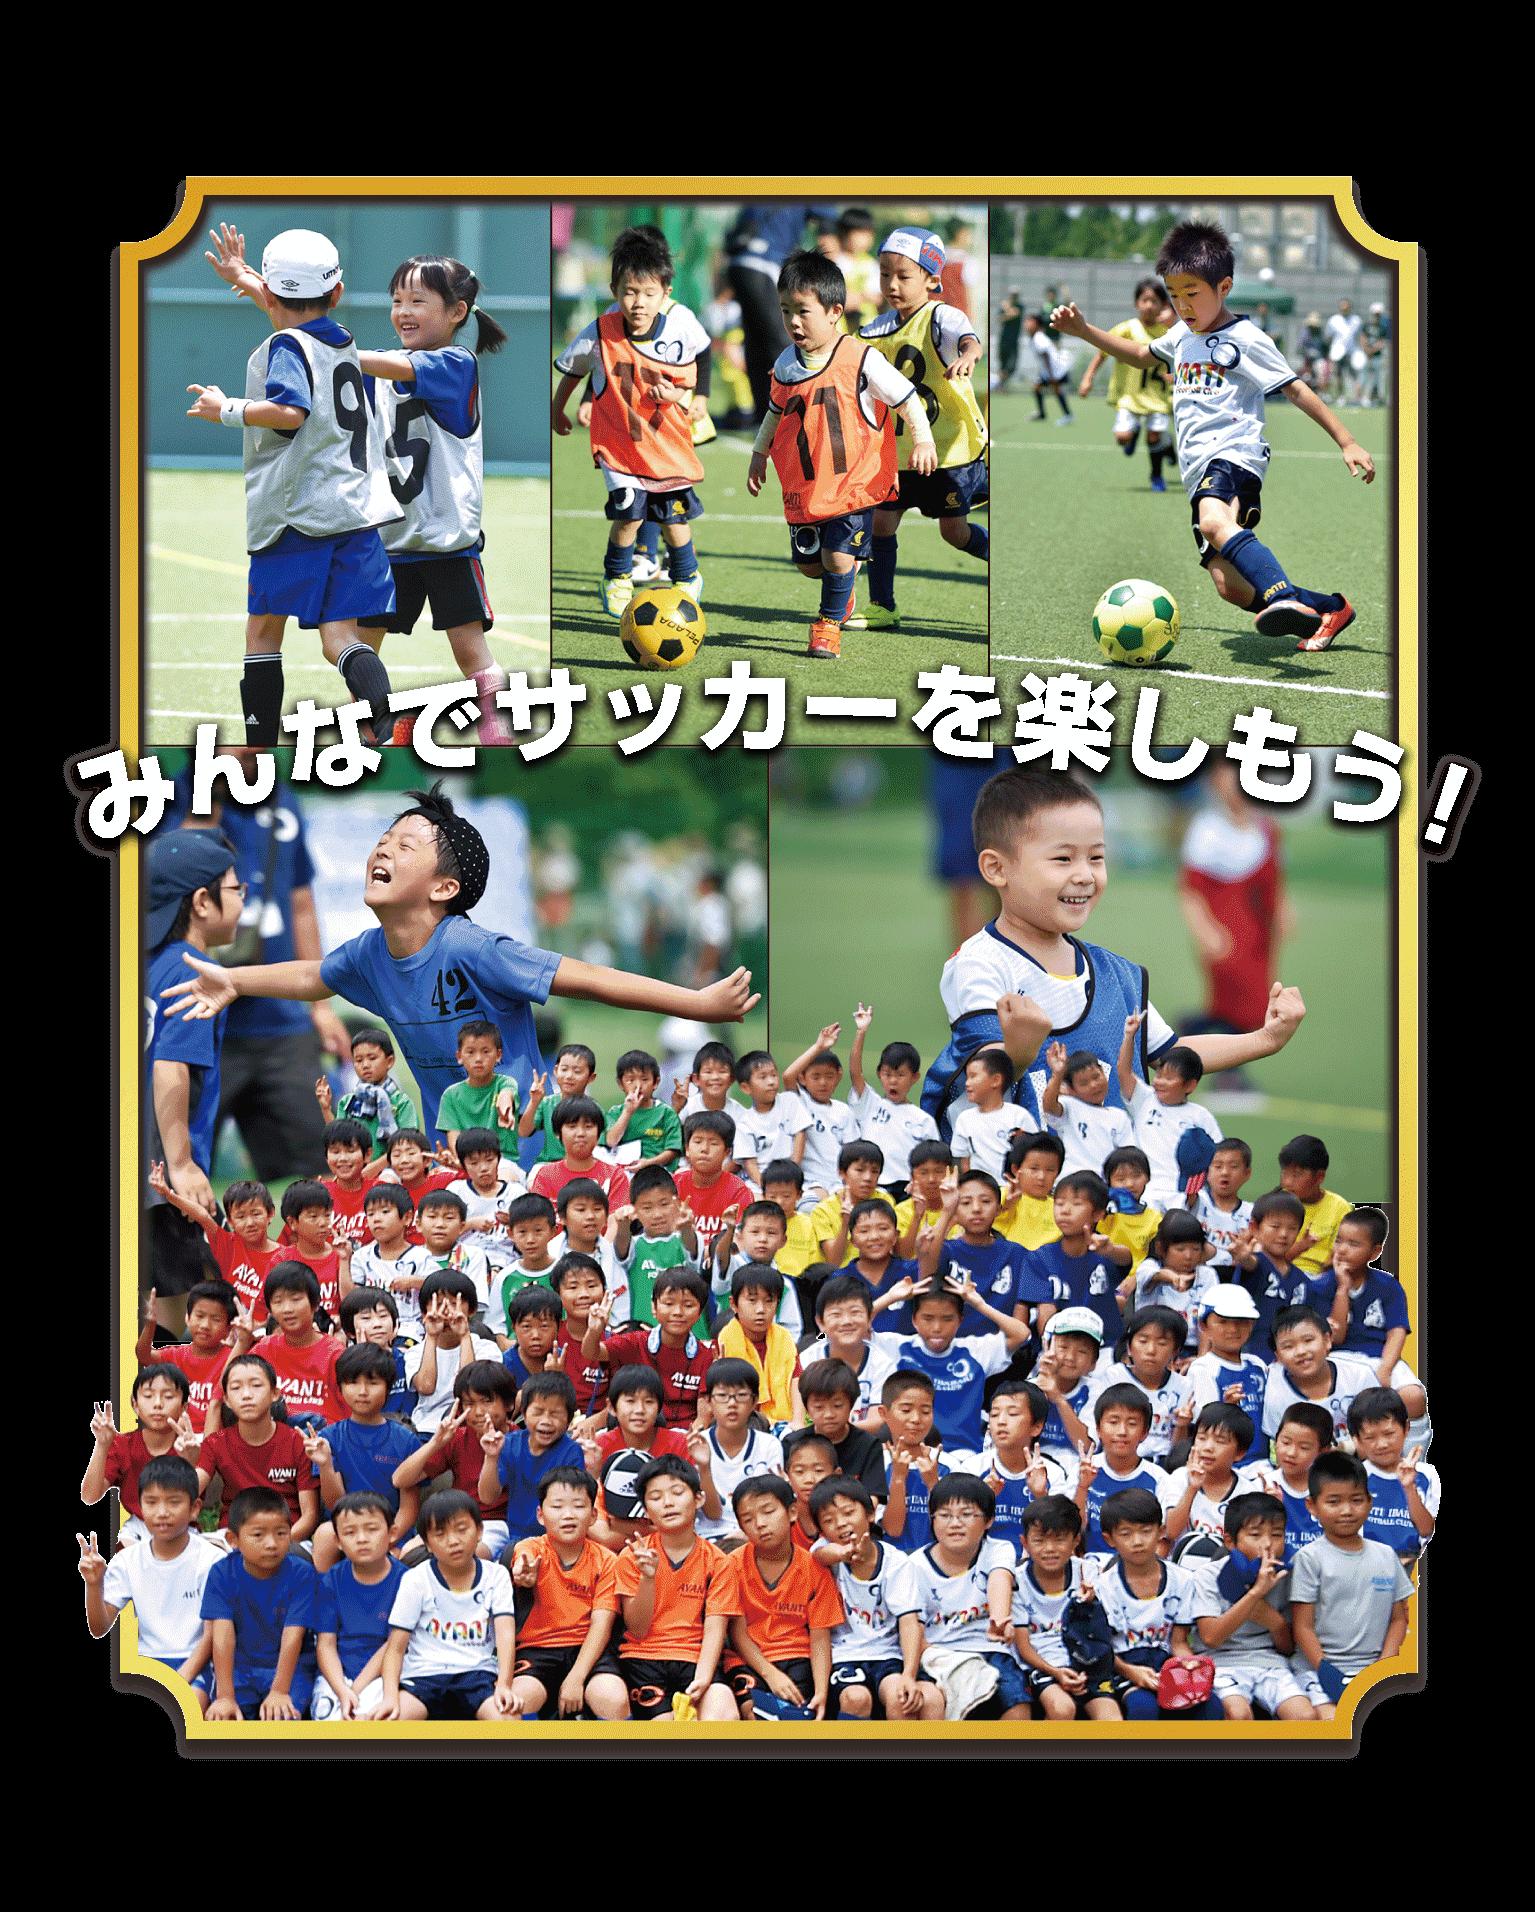 みんなでサッカーを楽しもう!